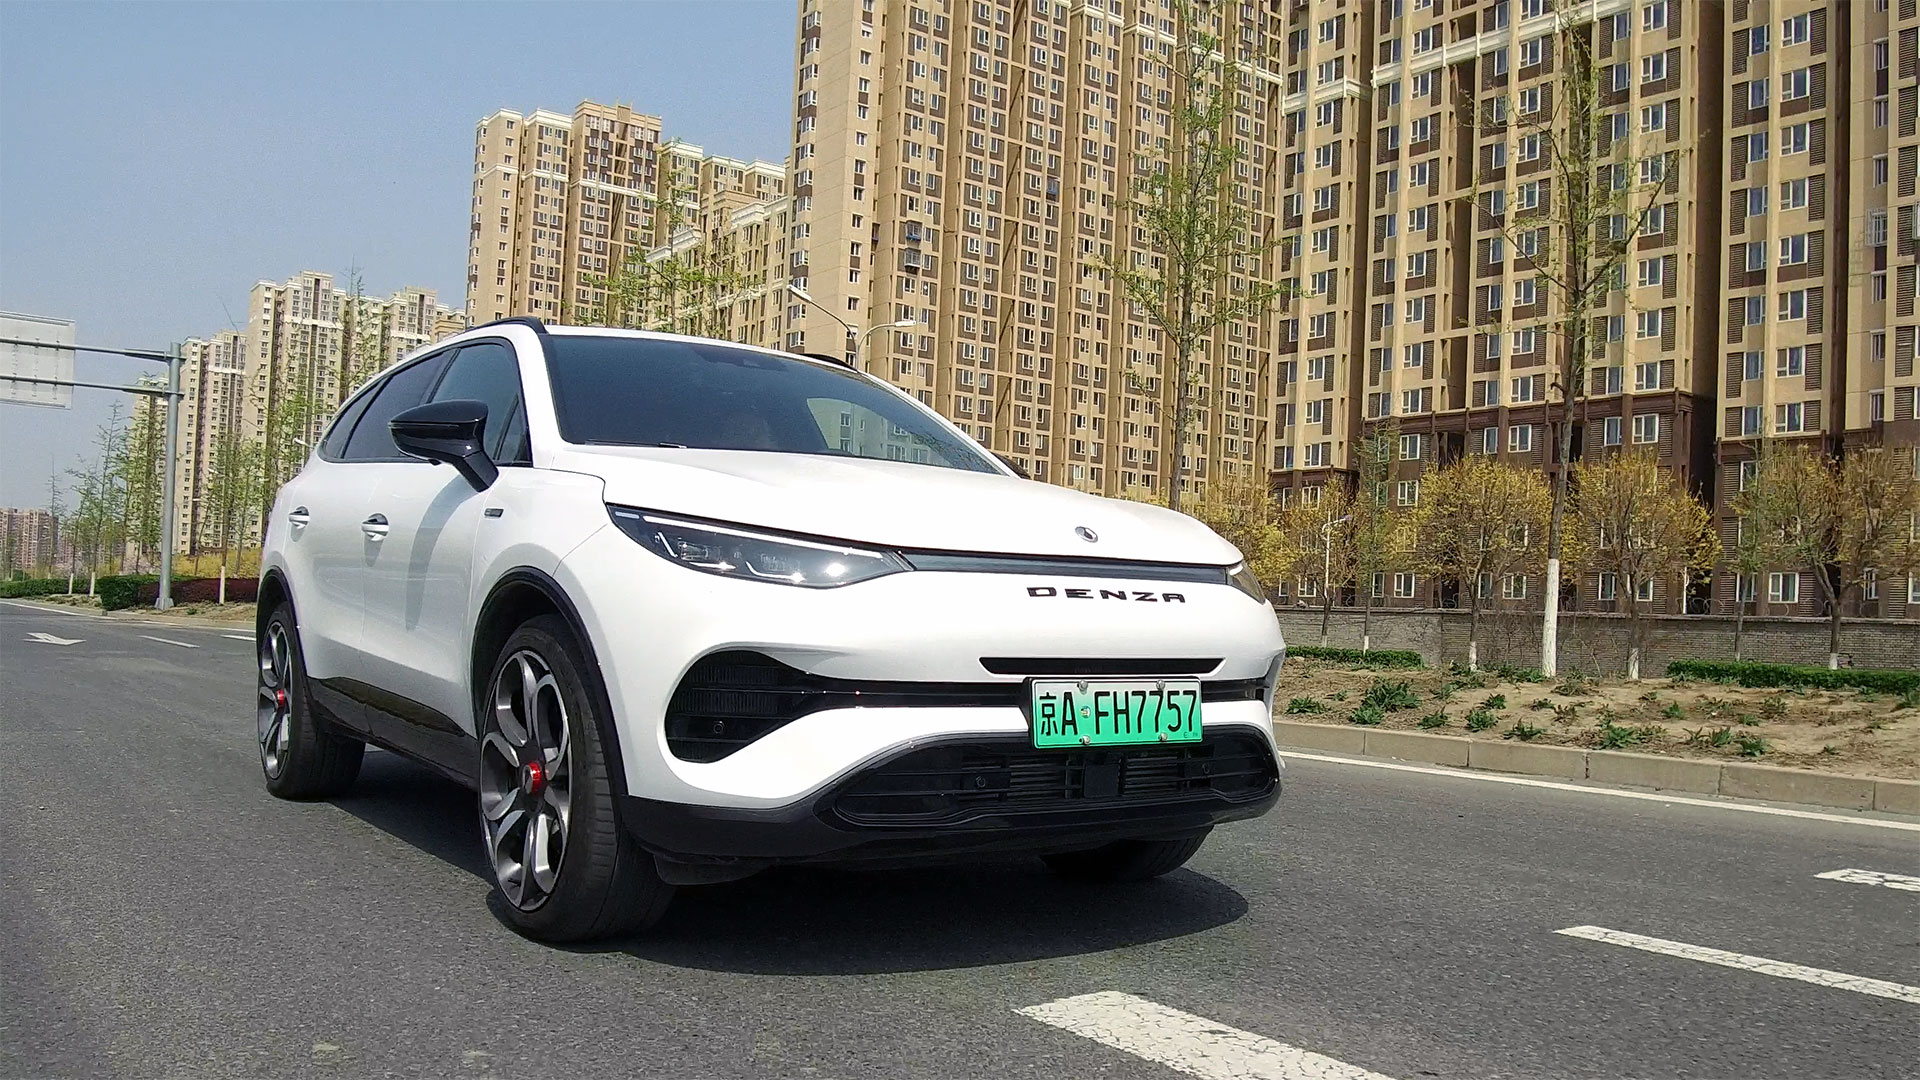 分秒试驾:处处有德味儿的新能源大SUV,腾势X开起来感觉值么视频